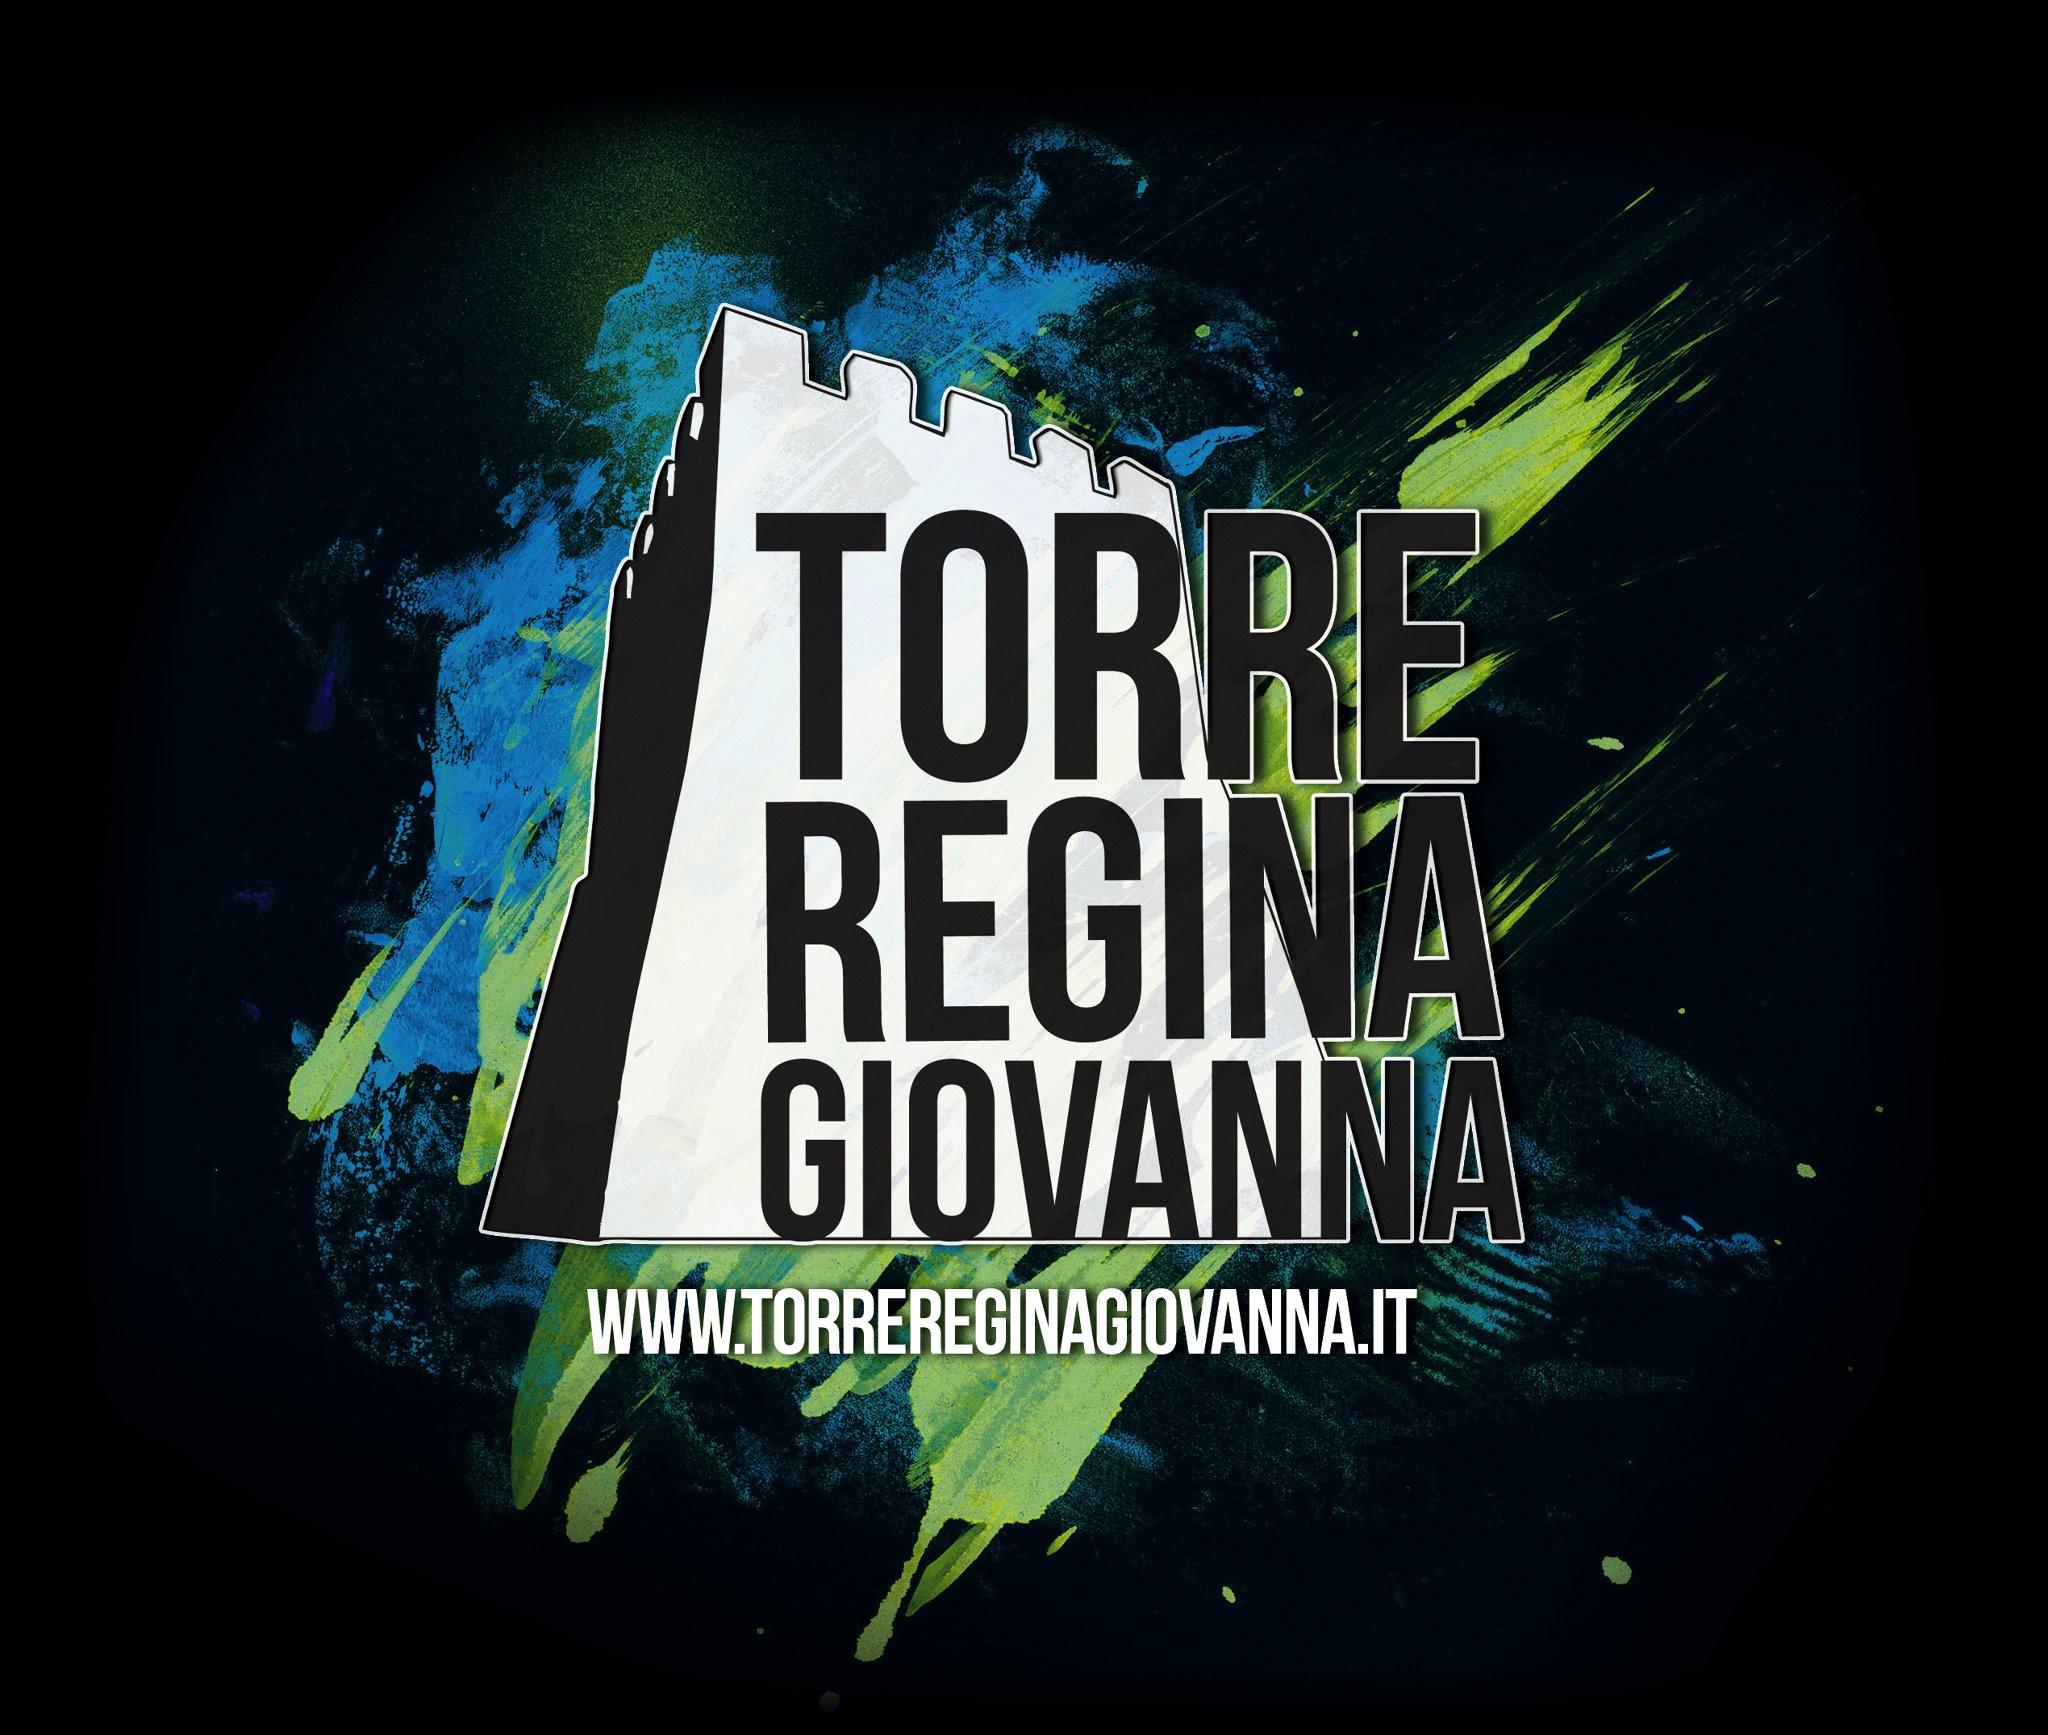 Torre Regina Giovanna